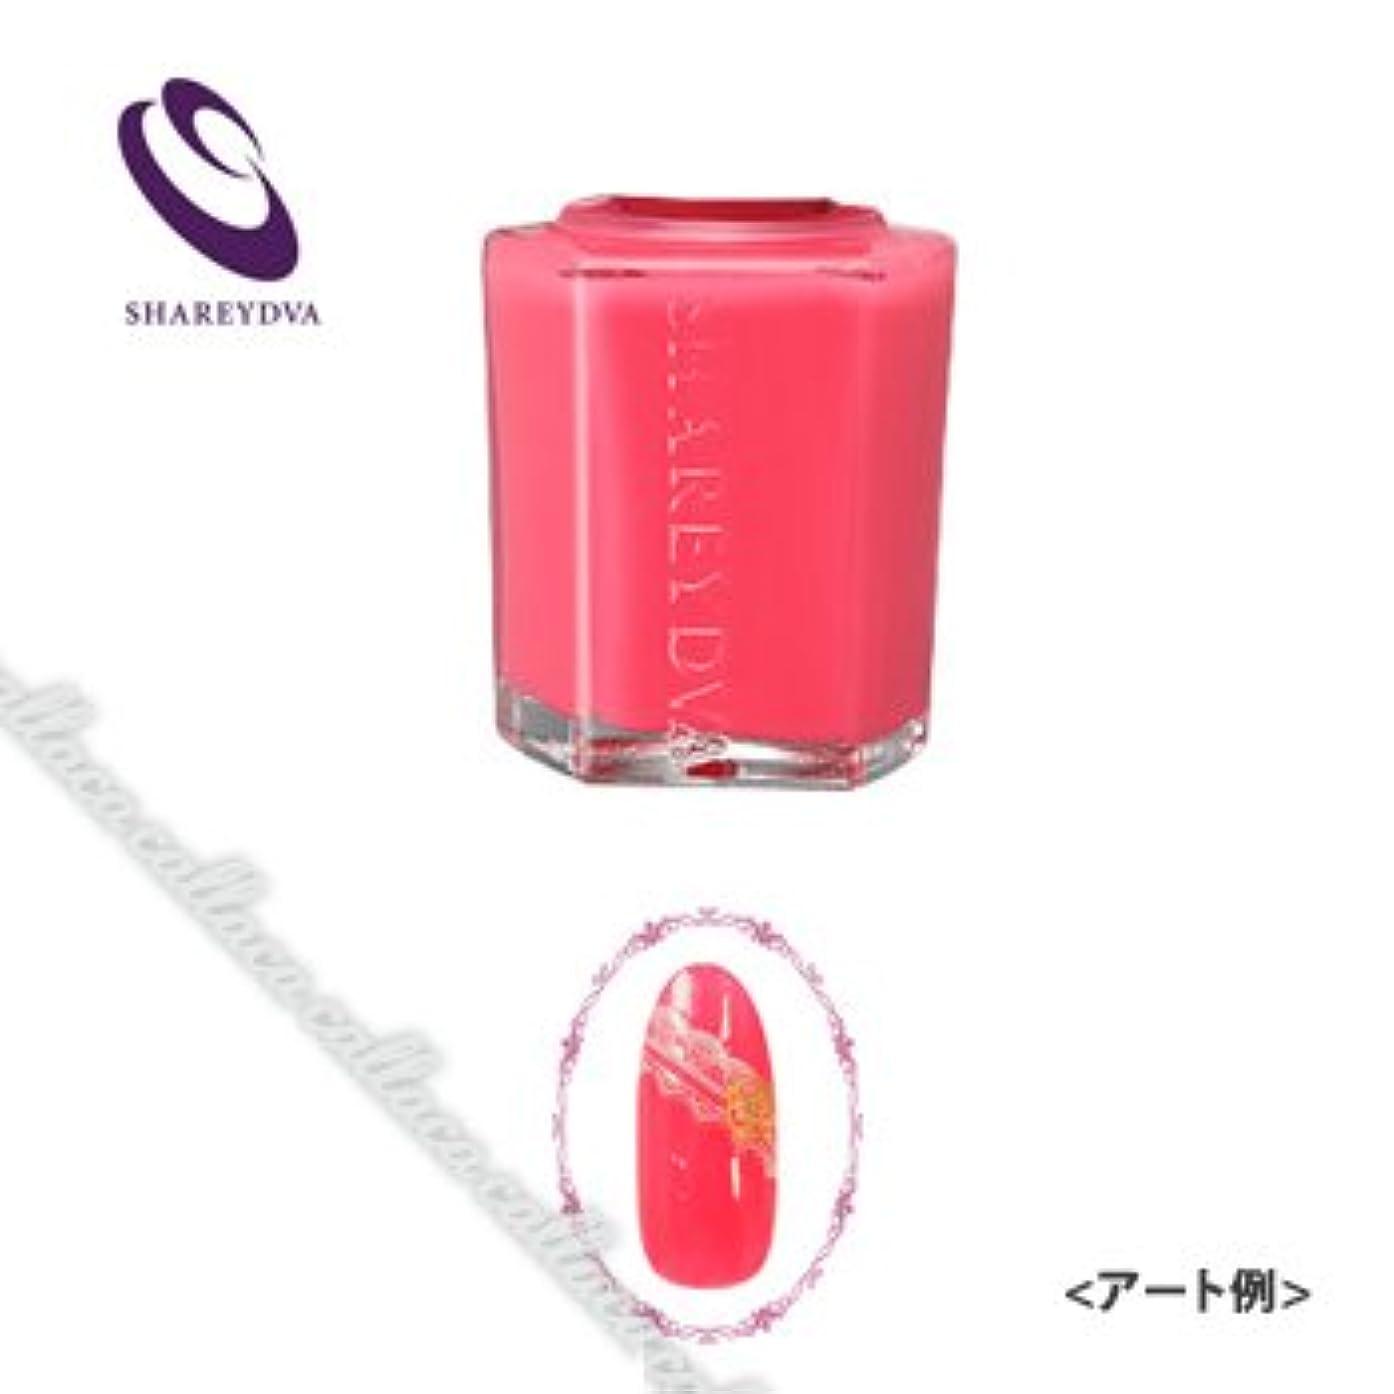 シーケンス現代のテメリティSHAREYDVAカラー No.35(15ml)